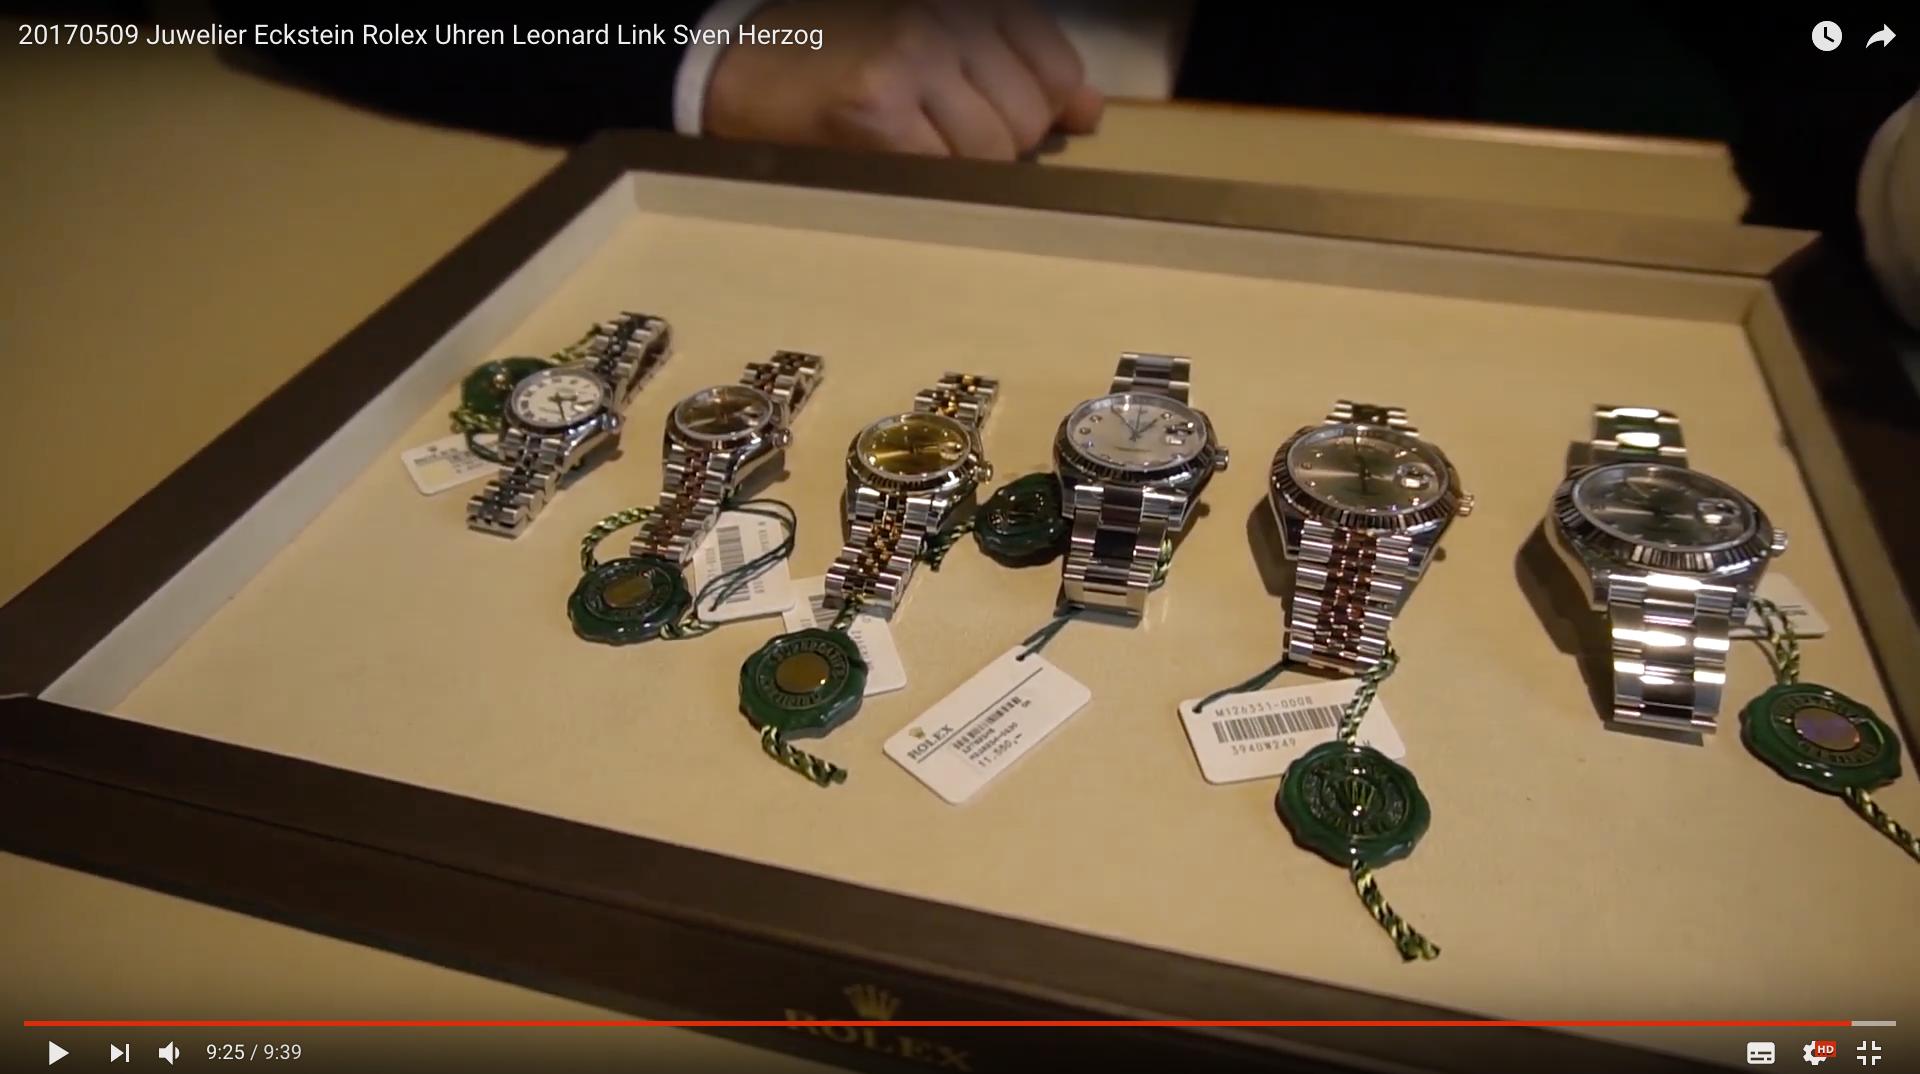 2017 Juwelier Eckstein Rolex Uhren Rolex Uhren_MSM_MEDIEN_SAAR_MOSEL_SAARLAND_FERNSEHEN_1_ED_SAAR